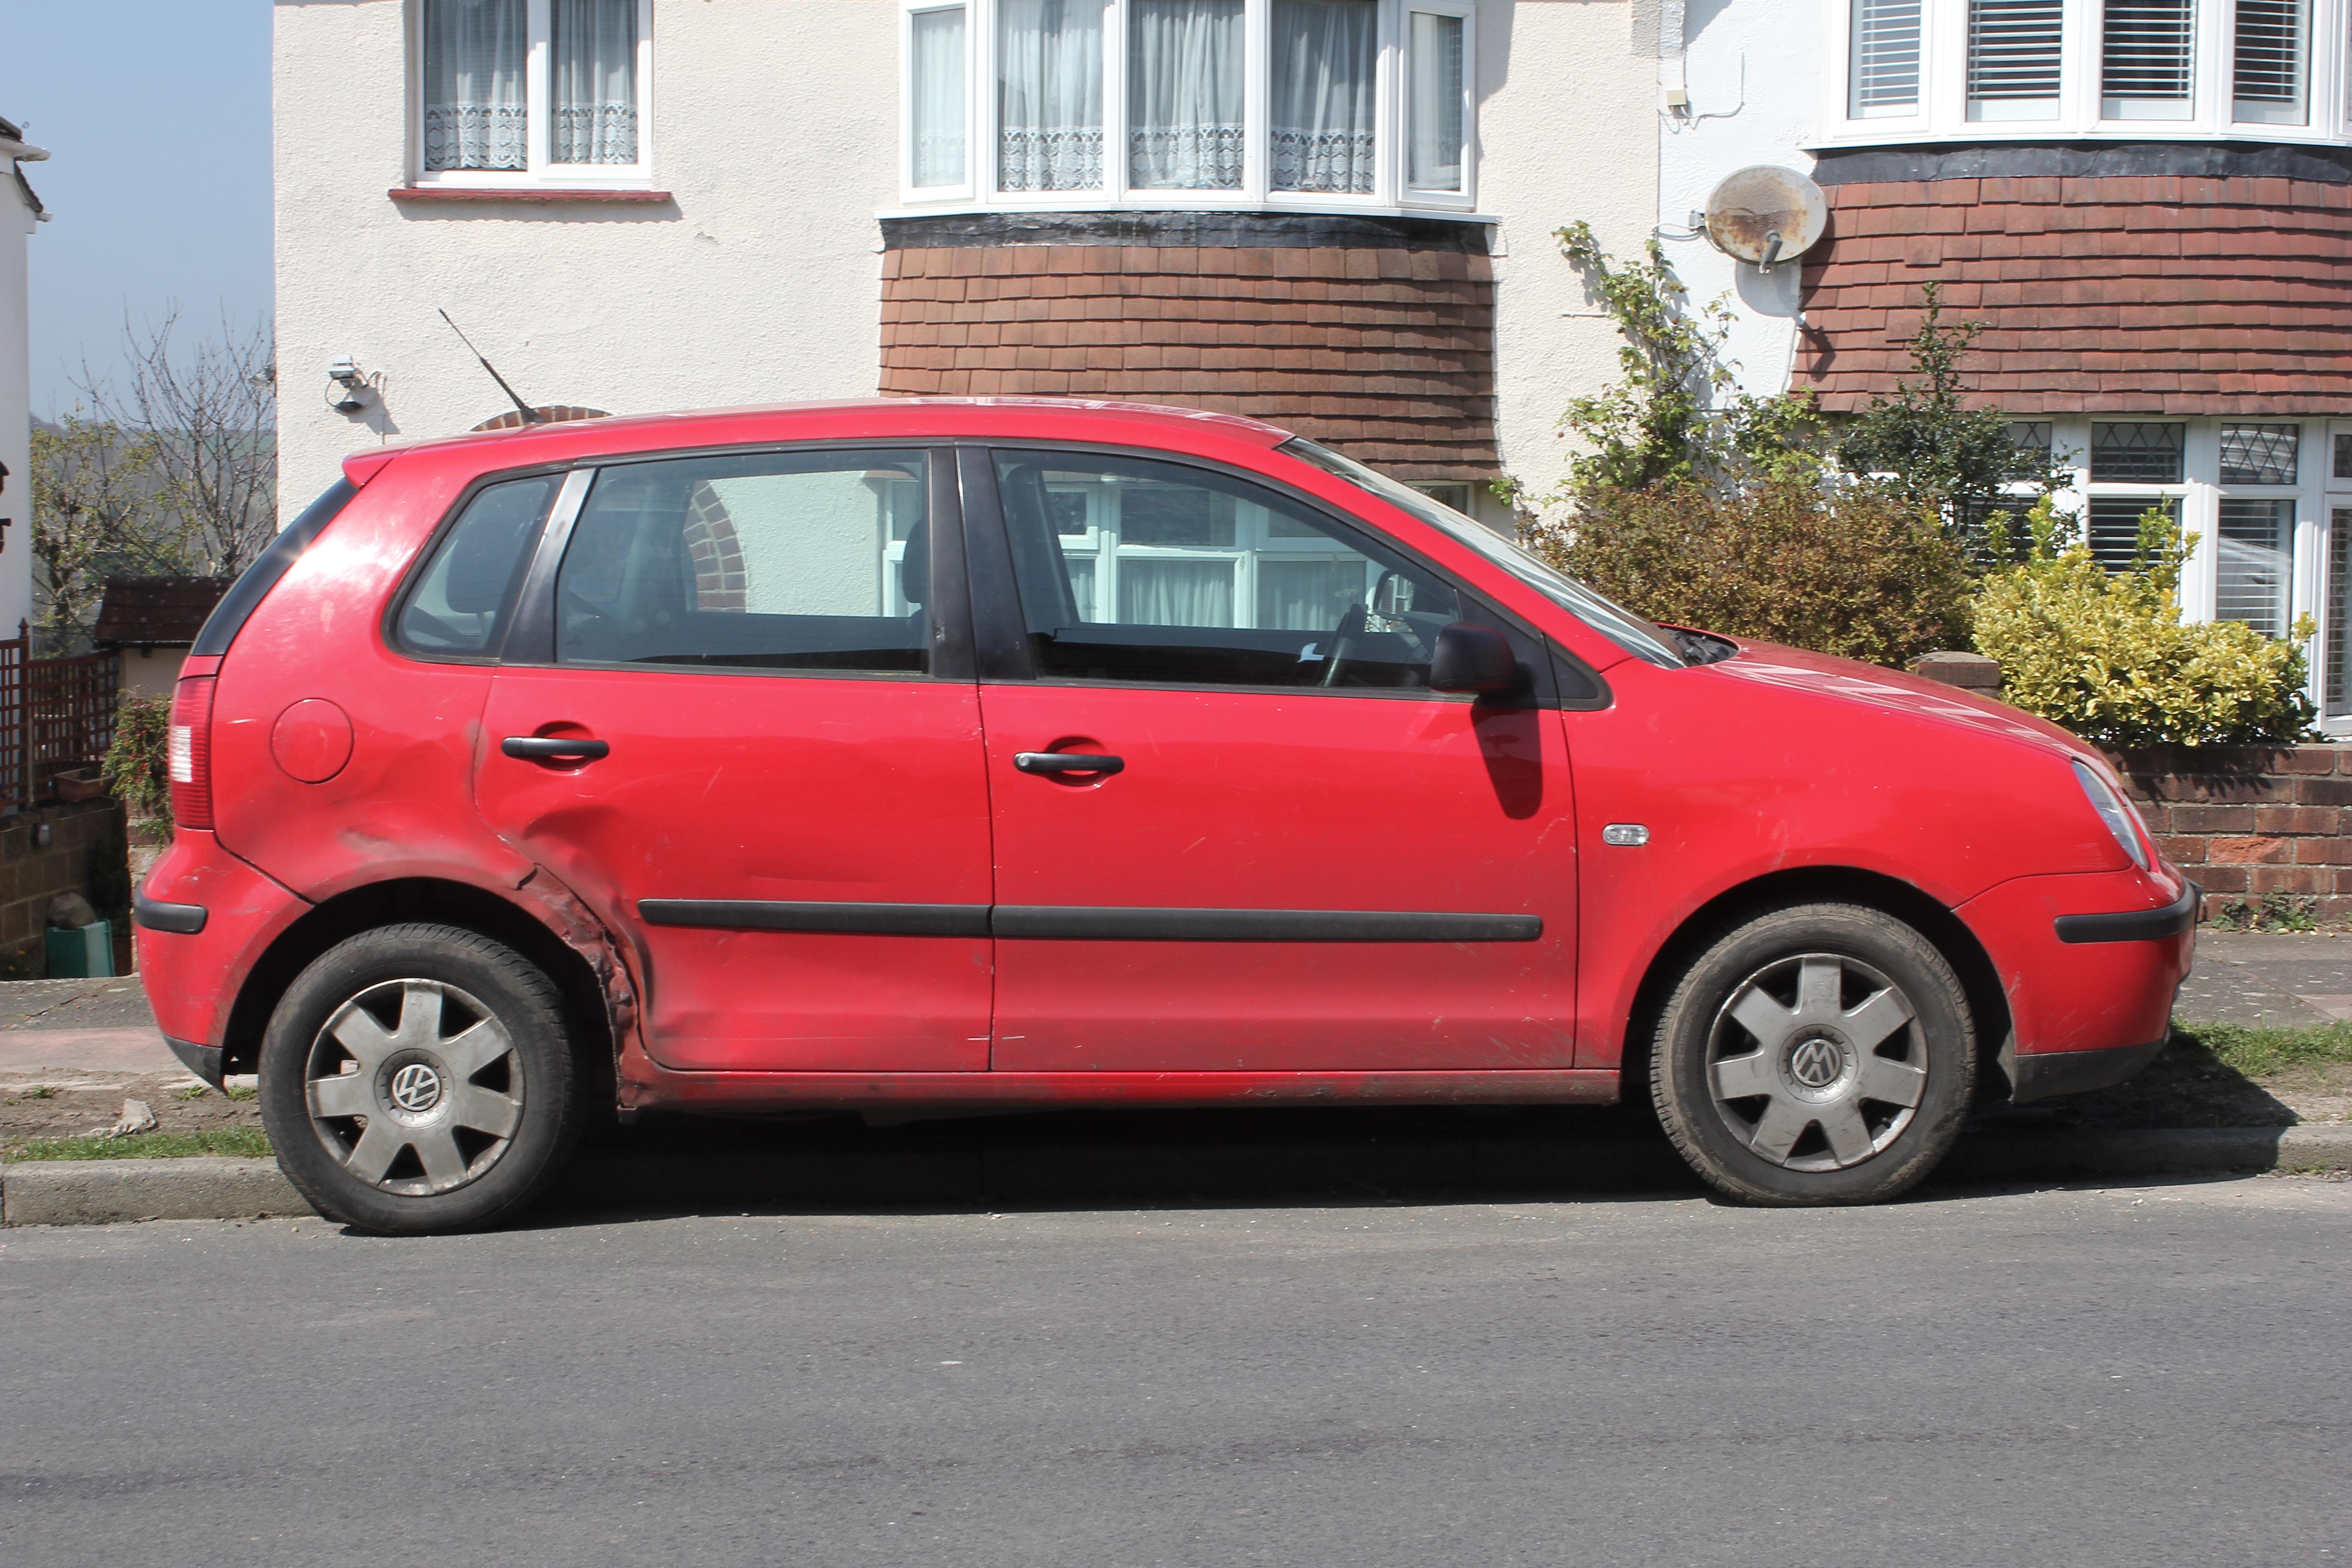 Modelling My Car Vw Polo 2003 Model Artwork Sketchfab Forum